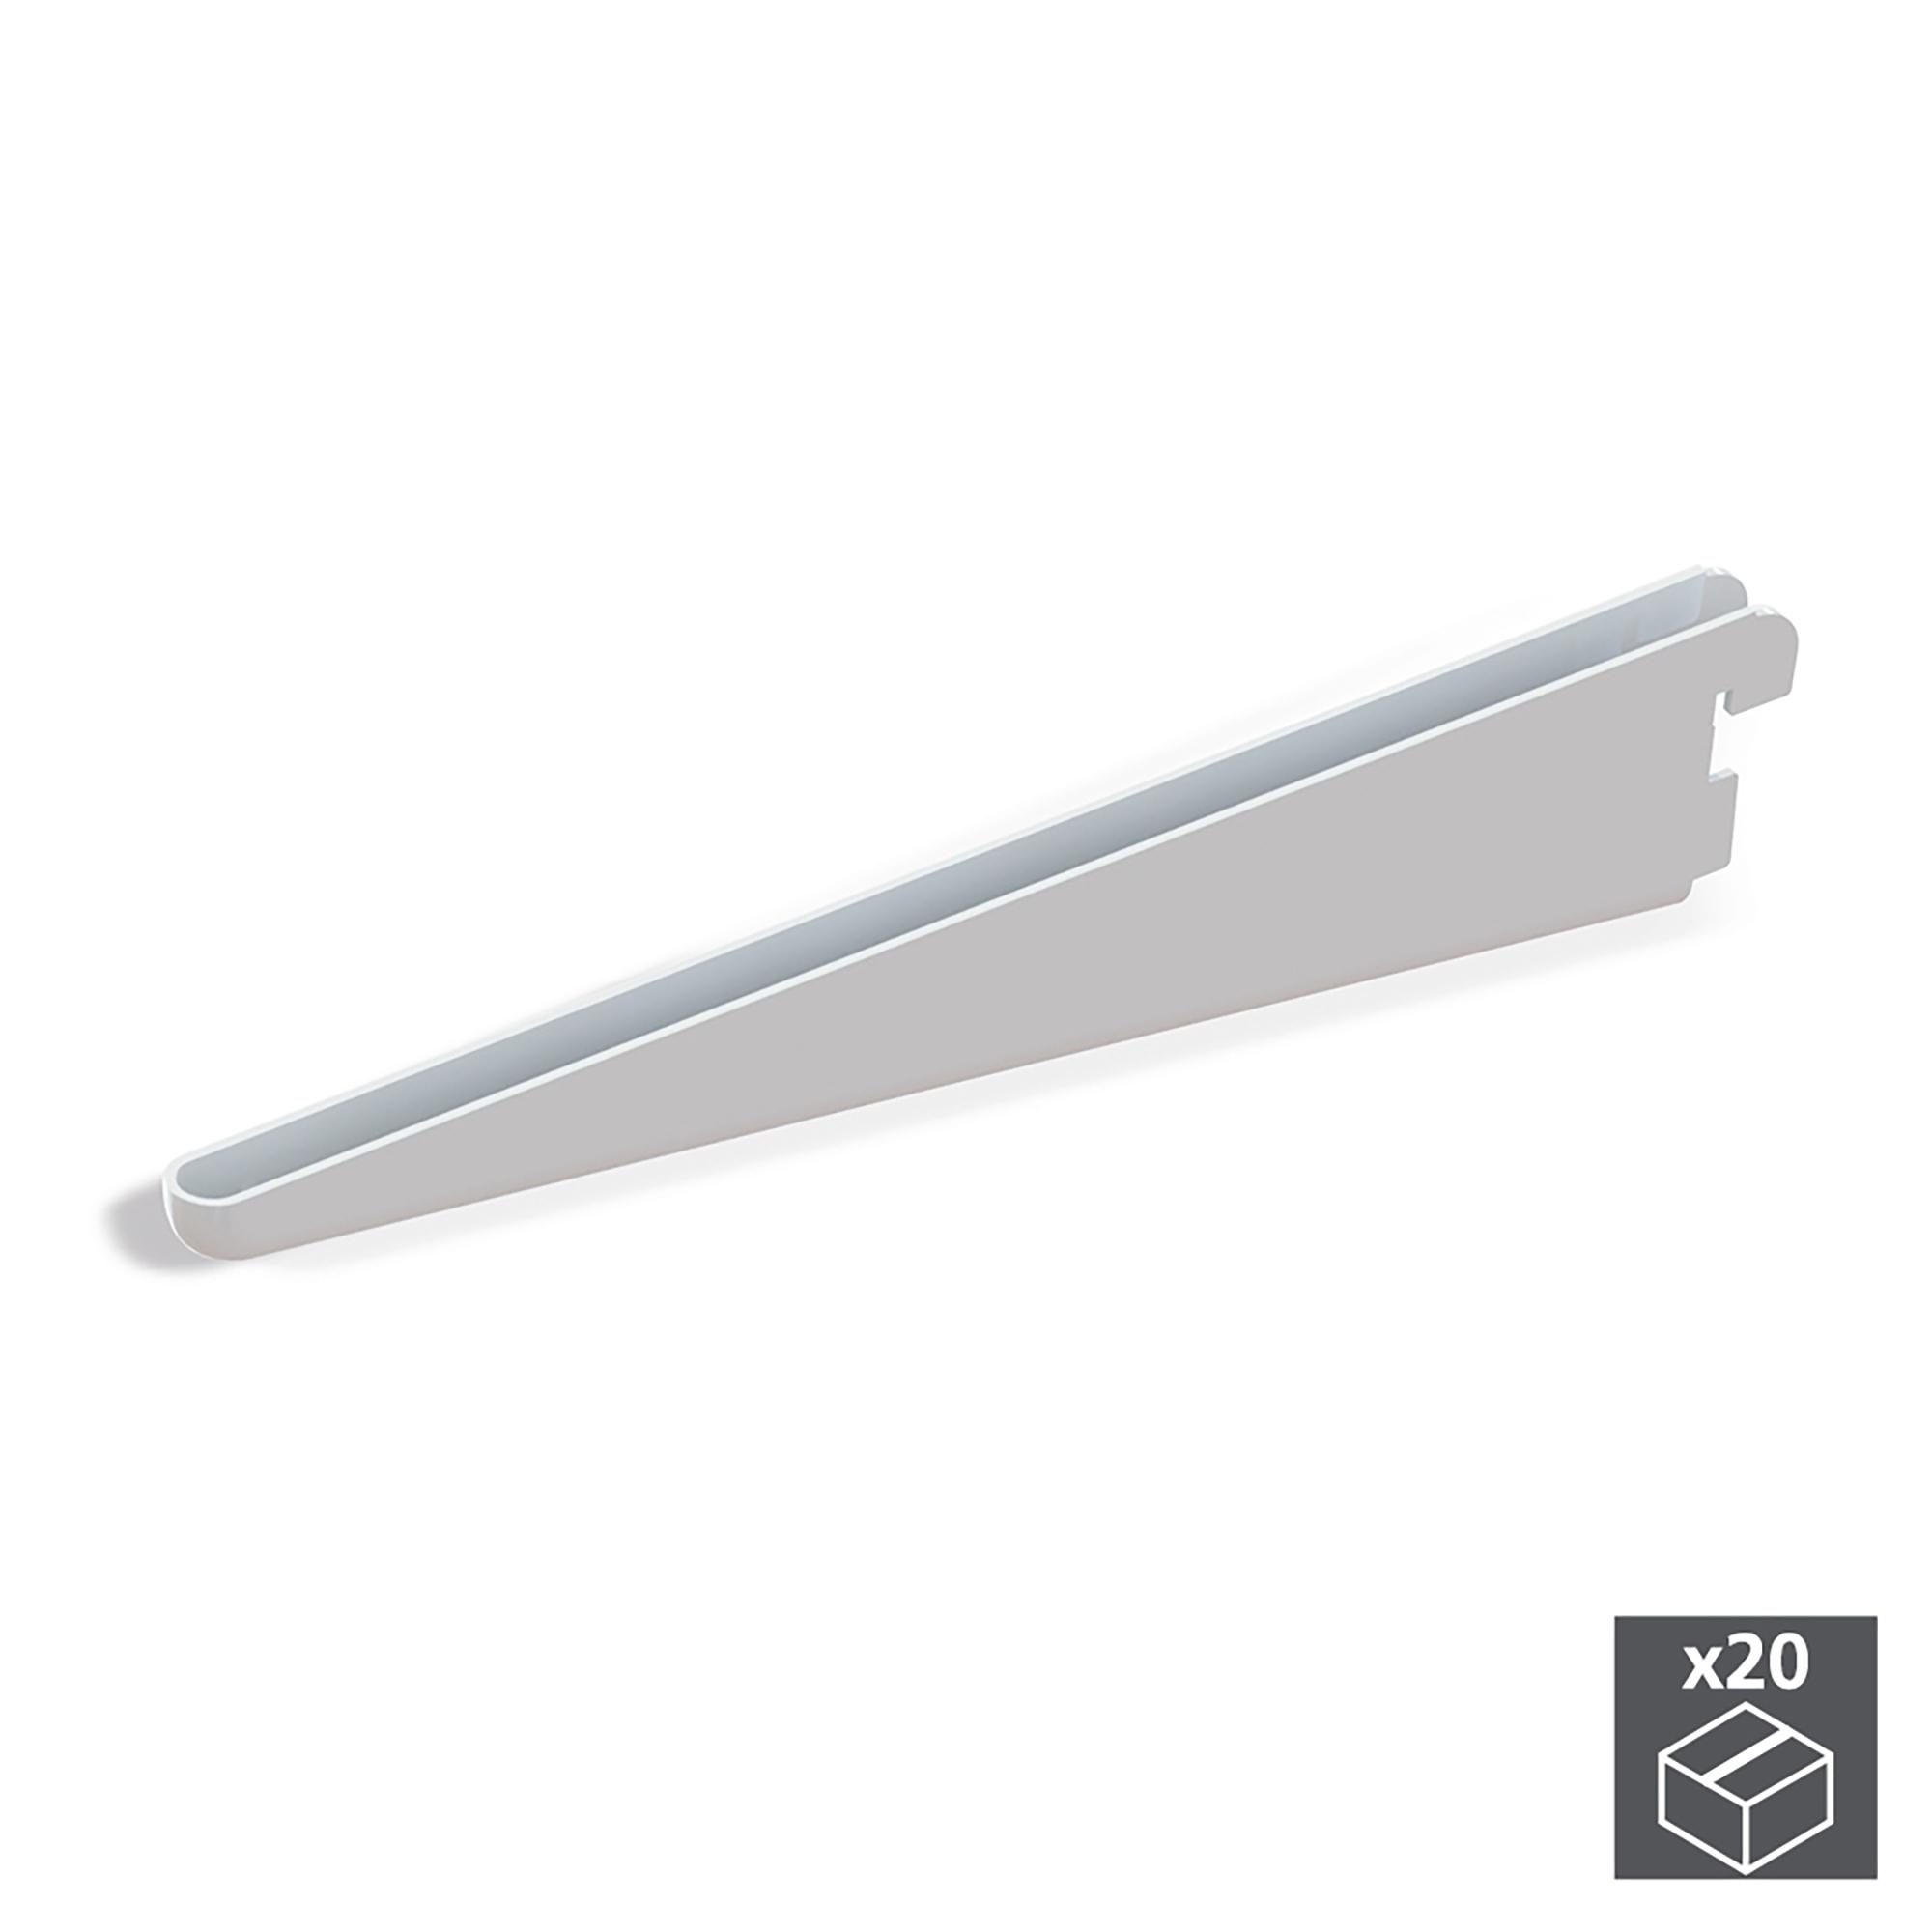 Emuca Supporto per ripiani di legno/vetro, profilo a passo 32 mm, 370 mm, Acciaio, Bianco, 20 u.